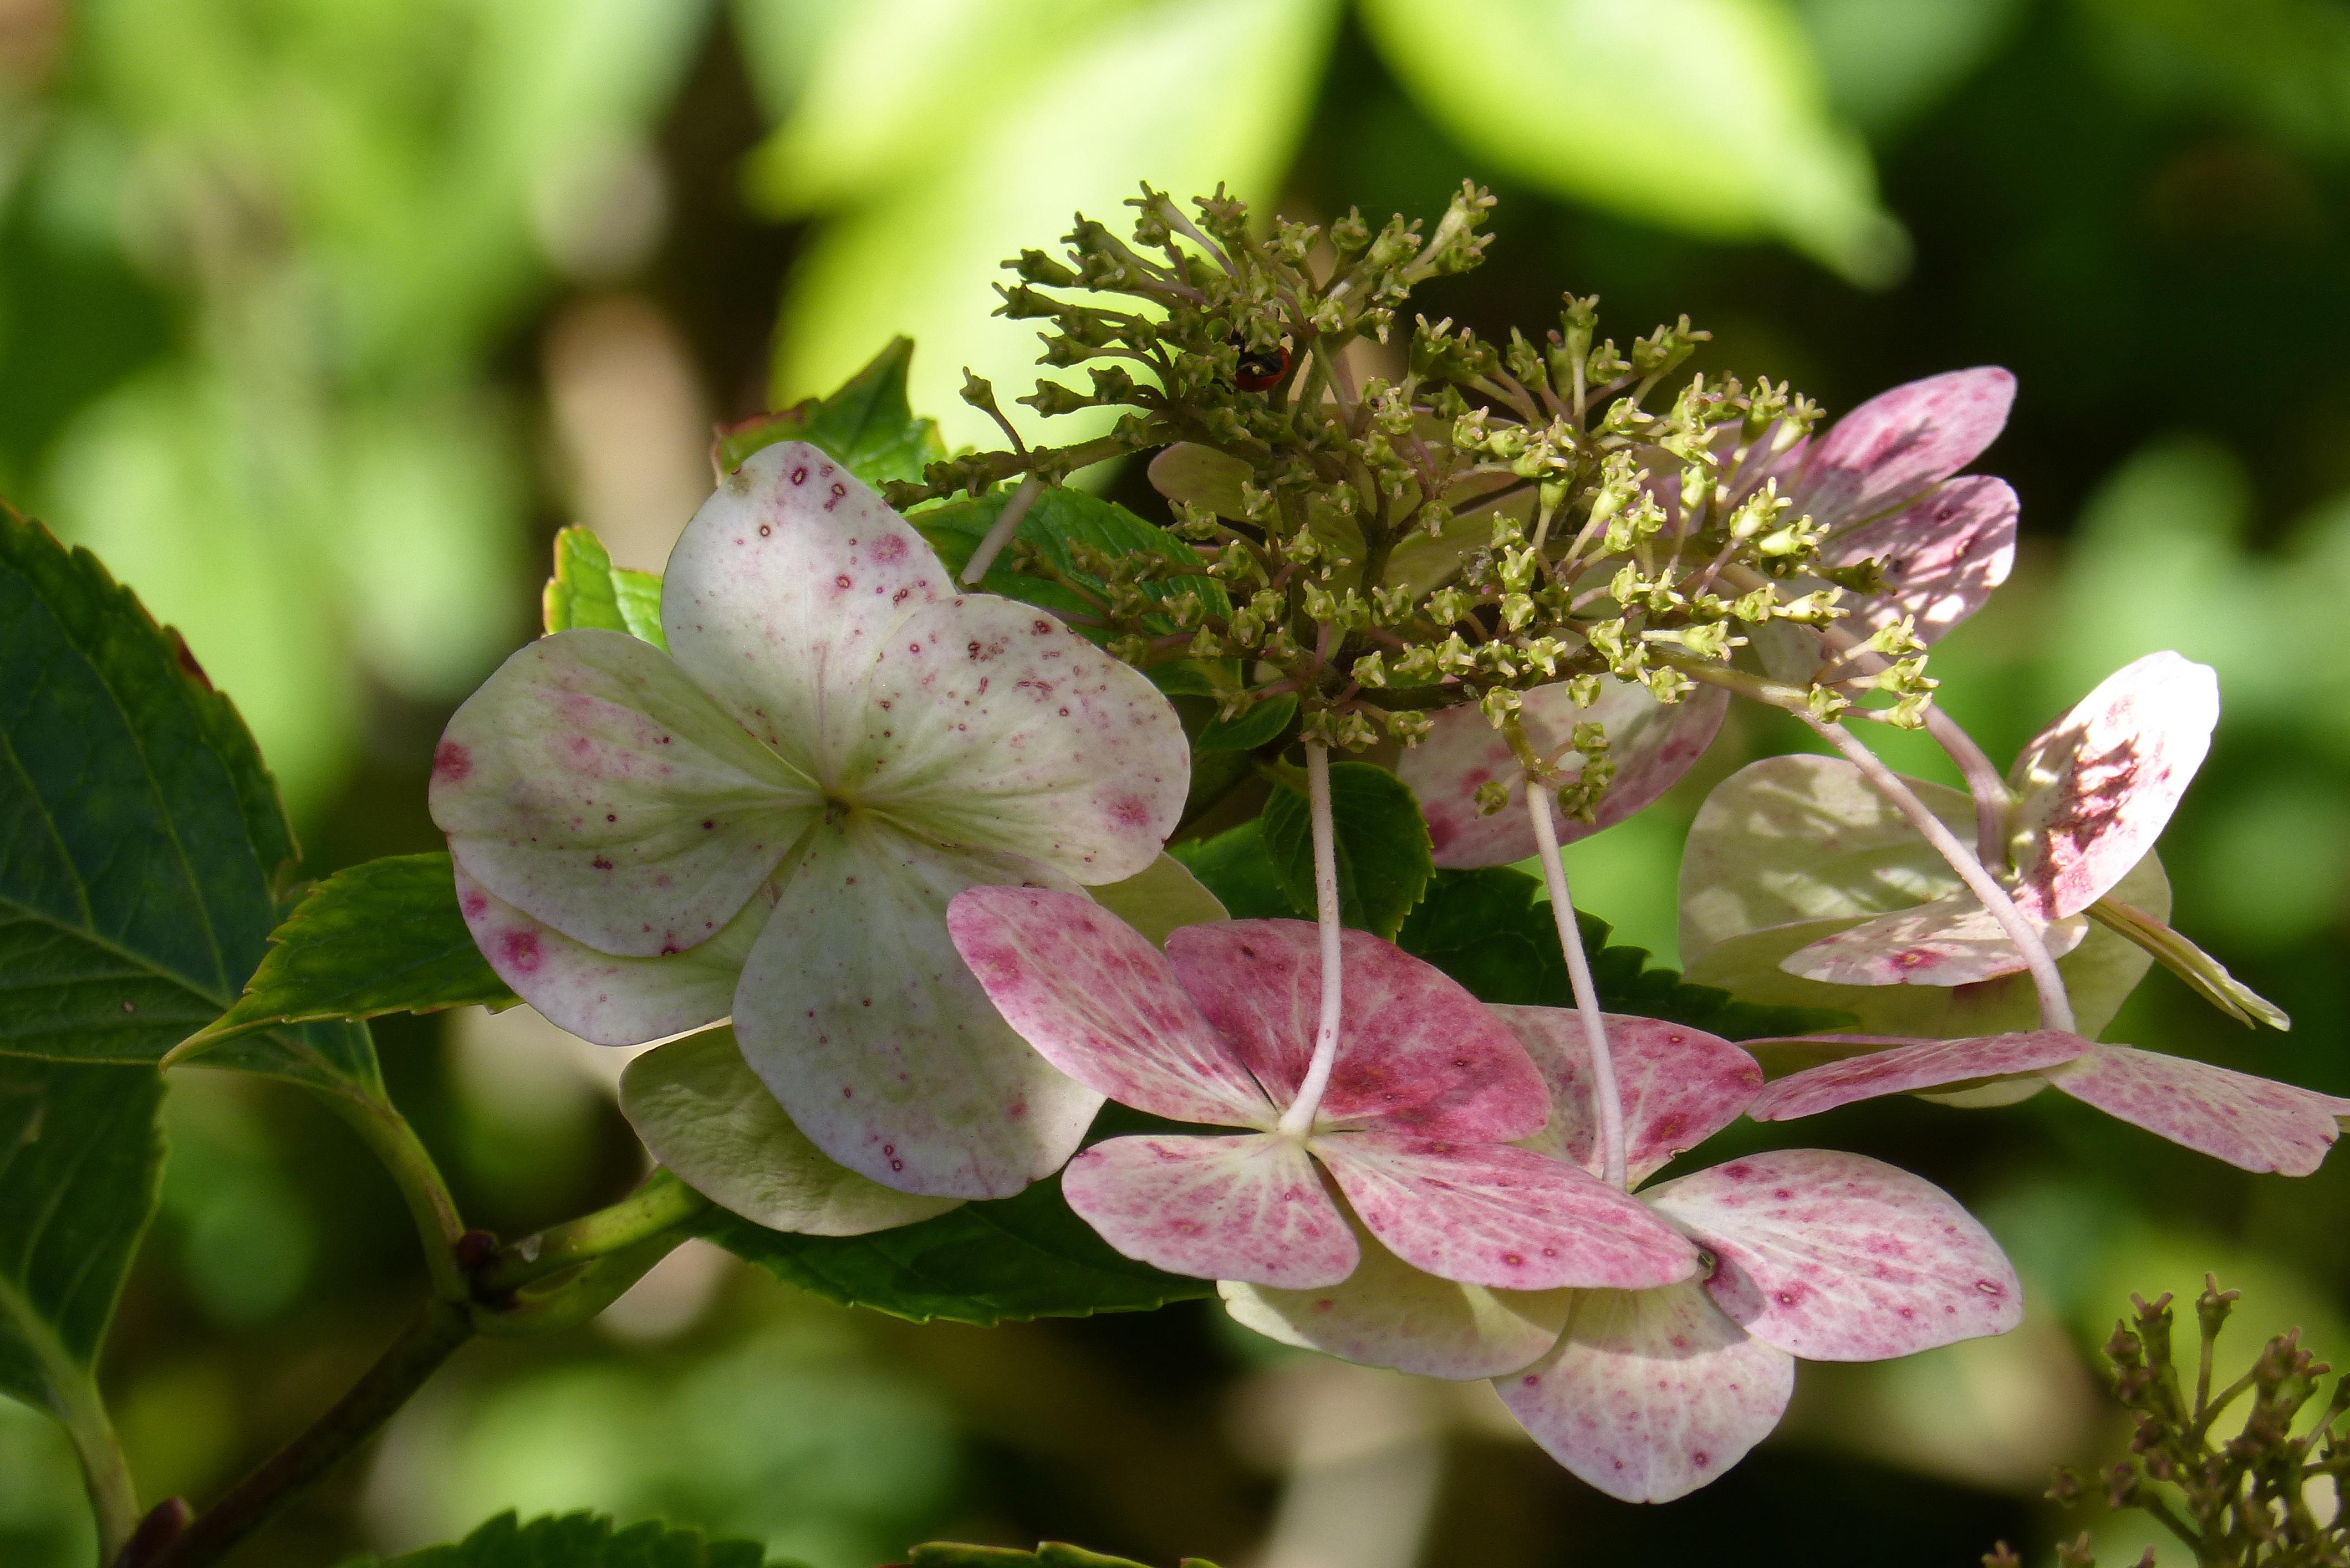 Images Gratuites Branche Fleur Floraison Botanique Flore